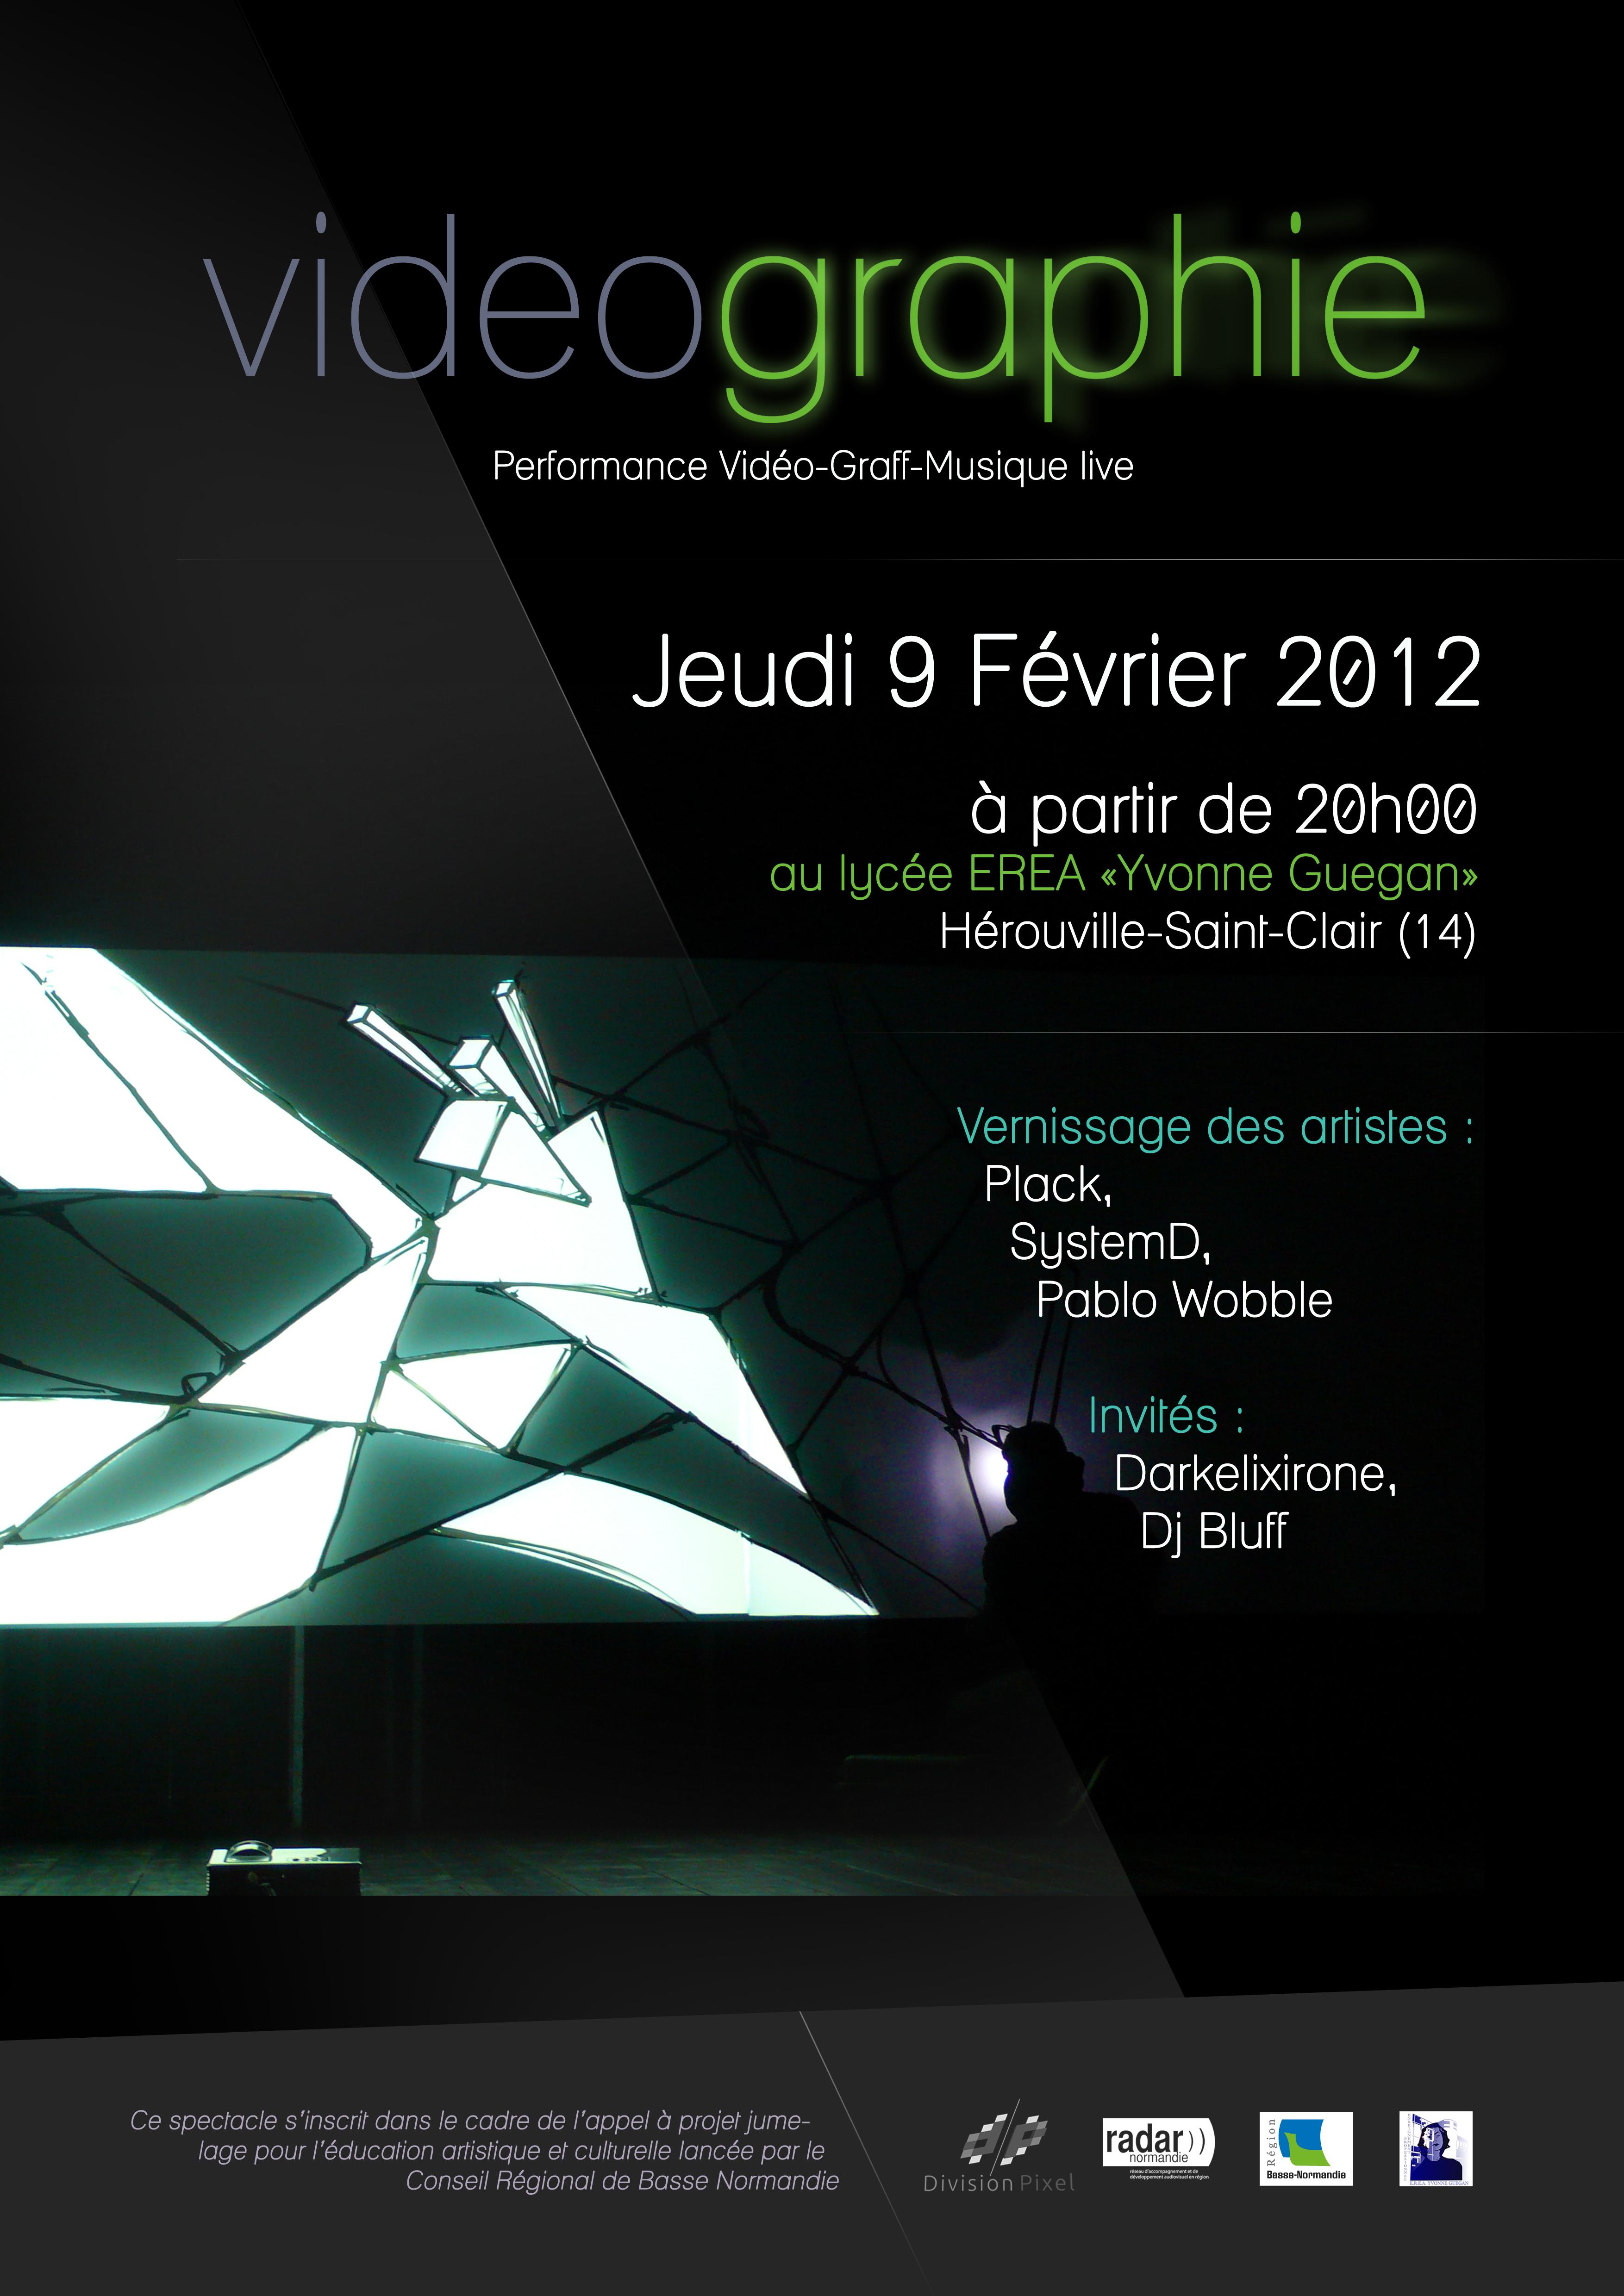 Affiche vernissage Vidéographie à l'EREA